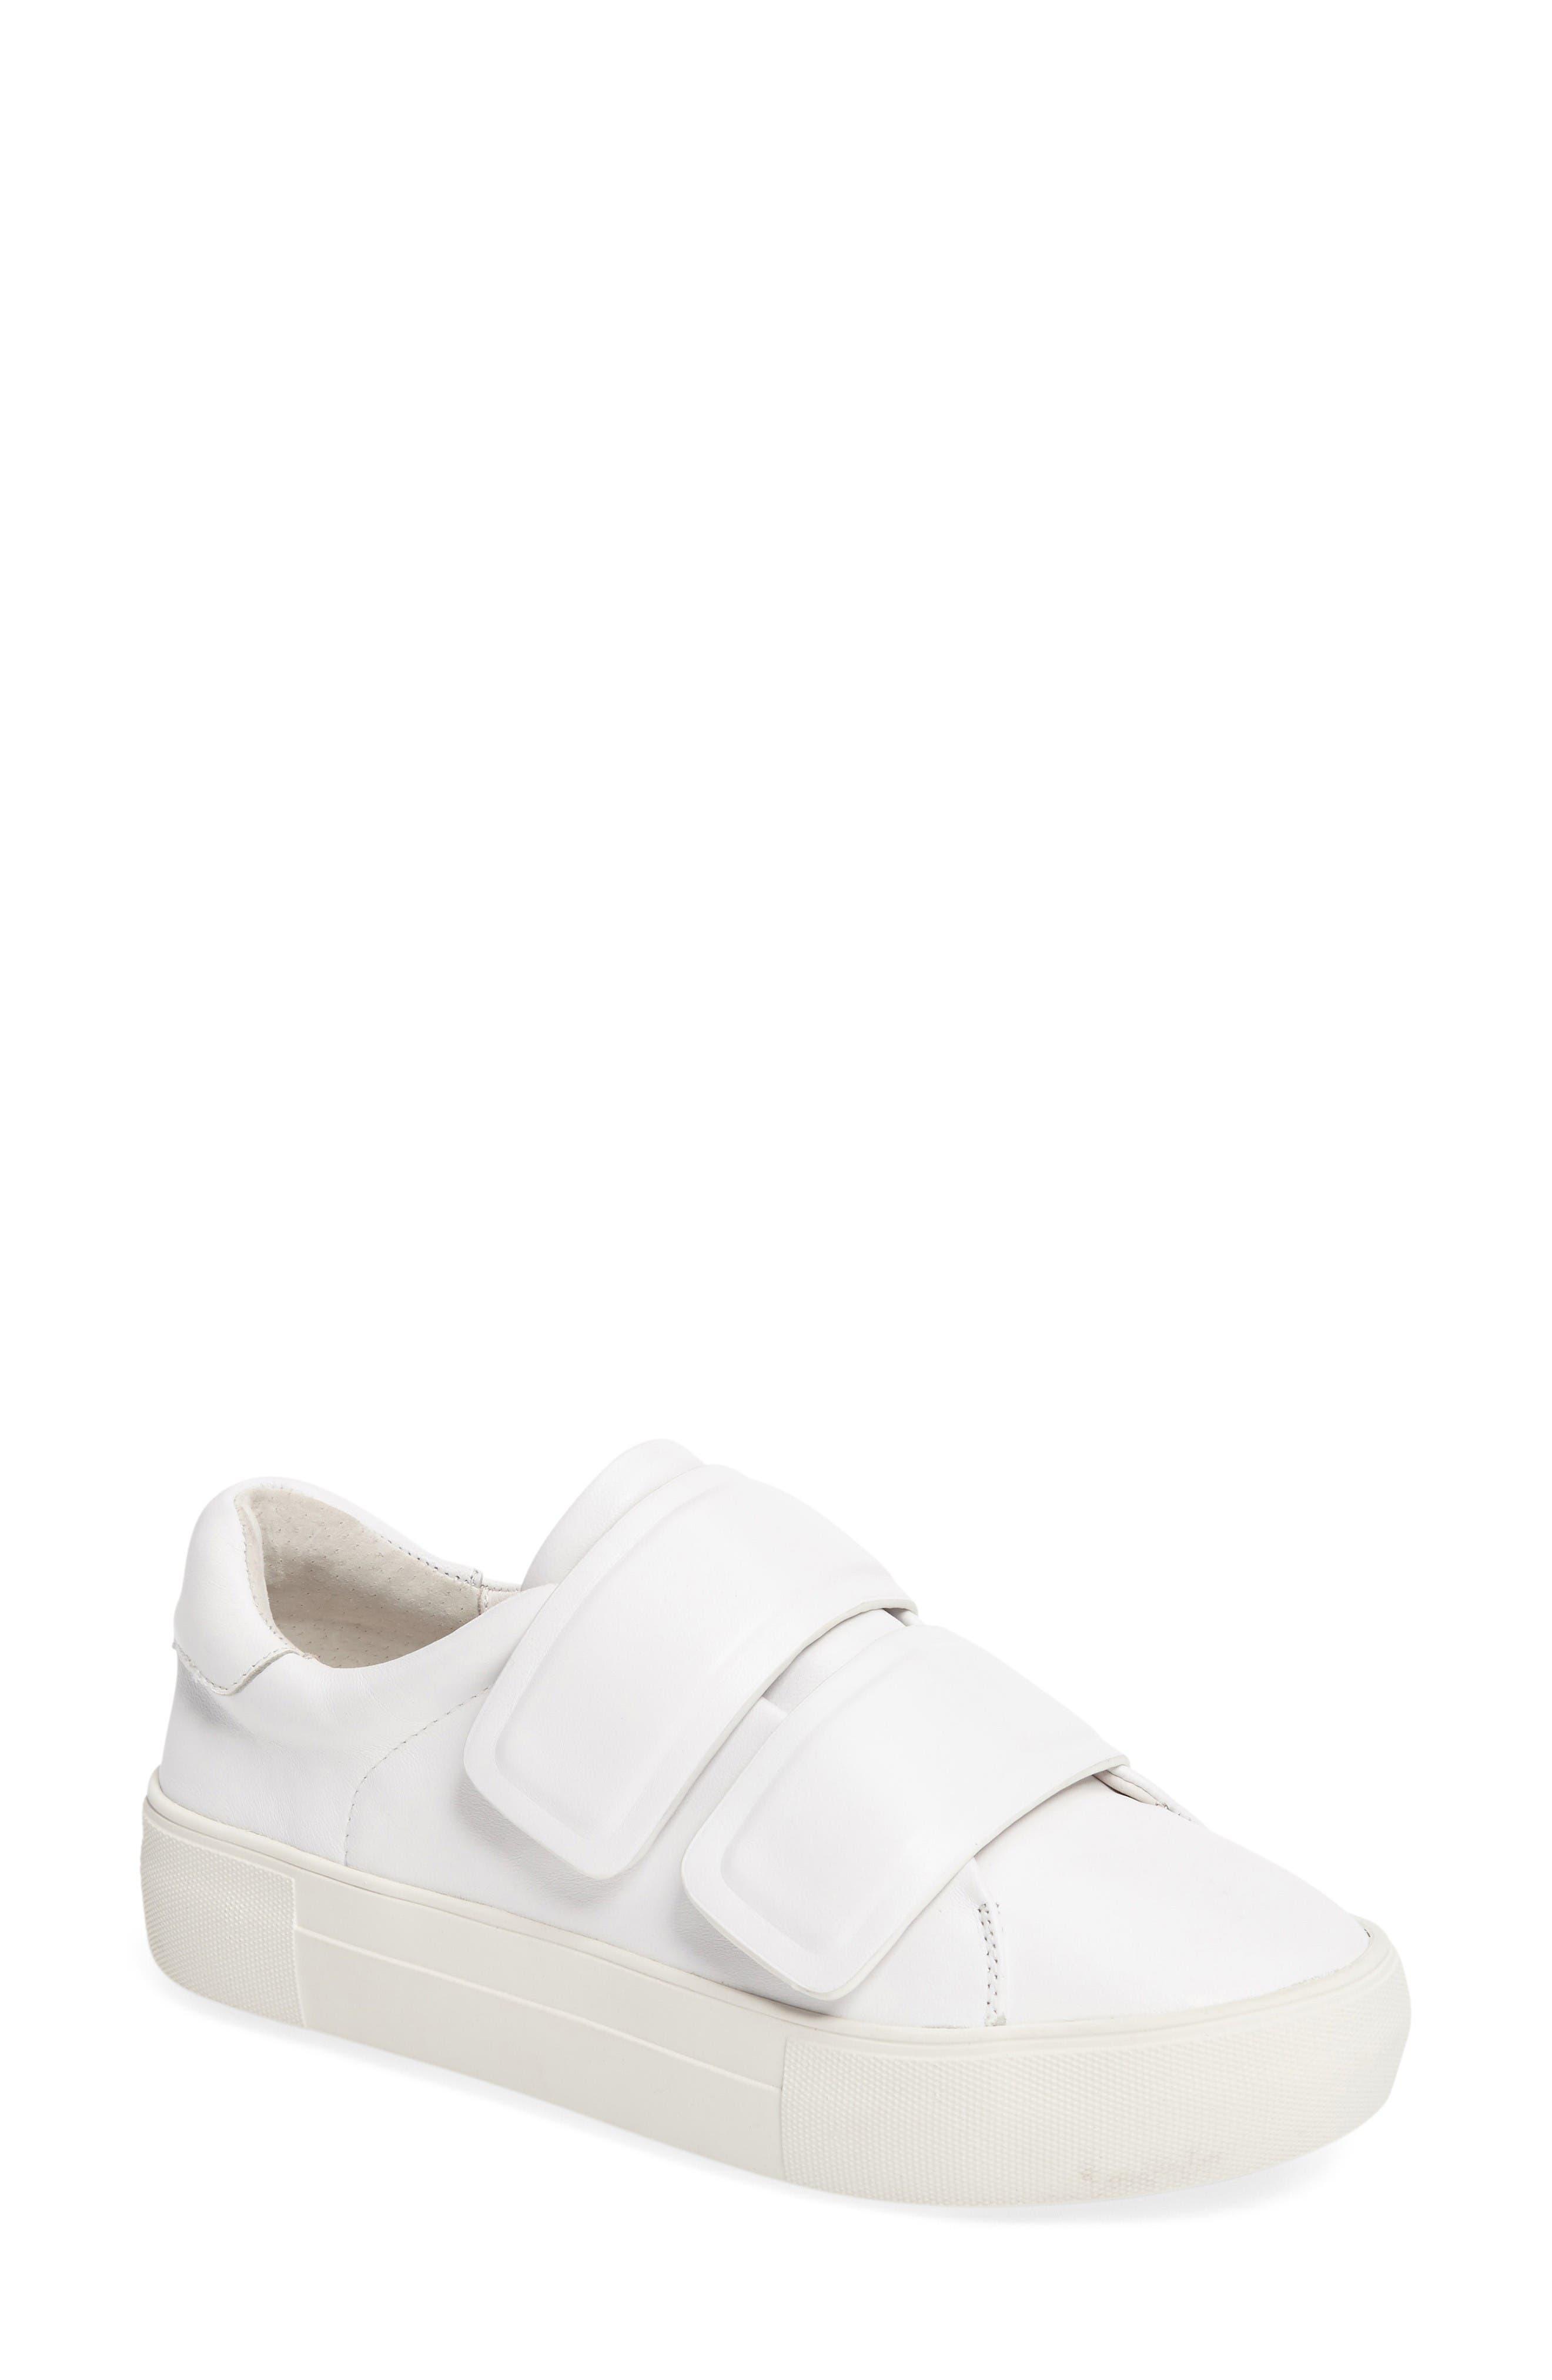 Alternate Image 1 Selected - JSlides Adelynn Sneaker (Women)